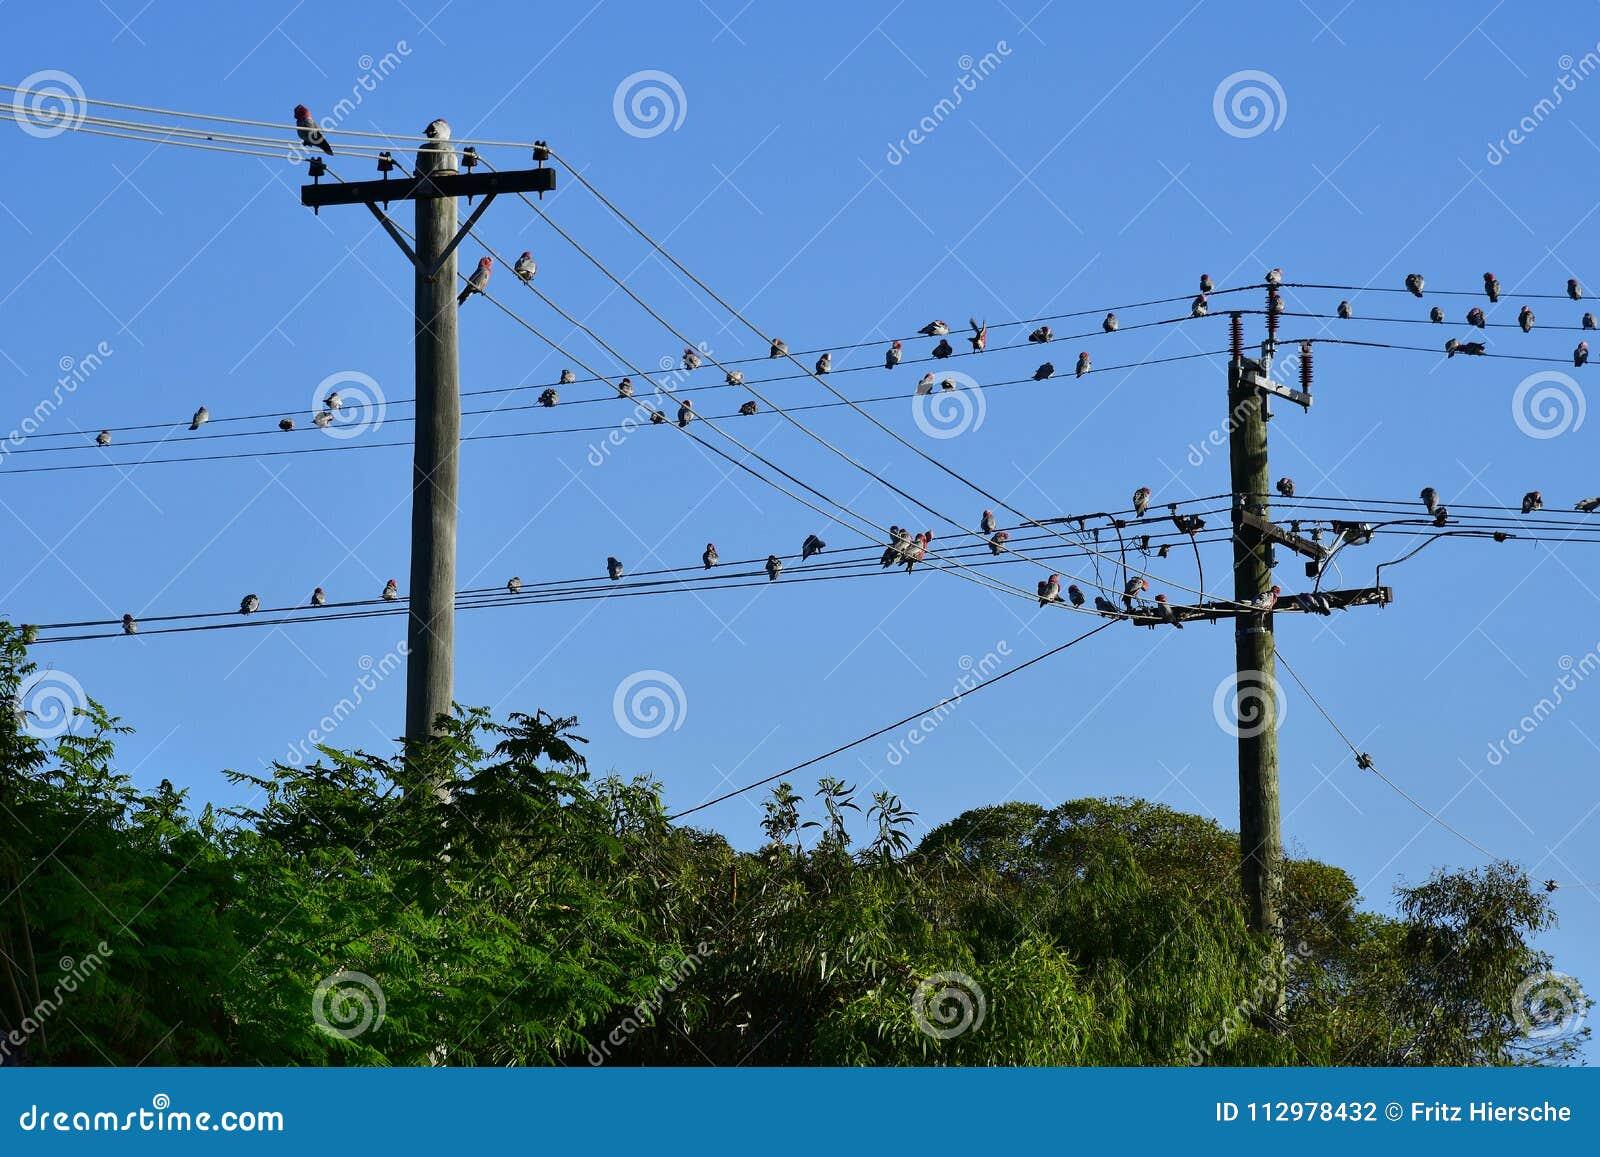 Australia, WA, Kalbarr, Birds on wire